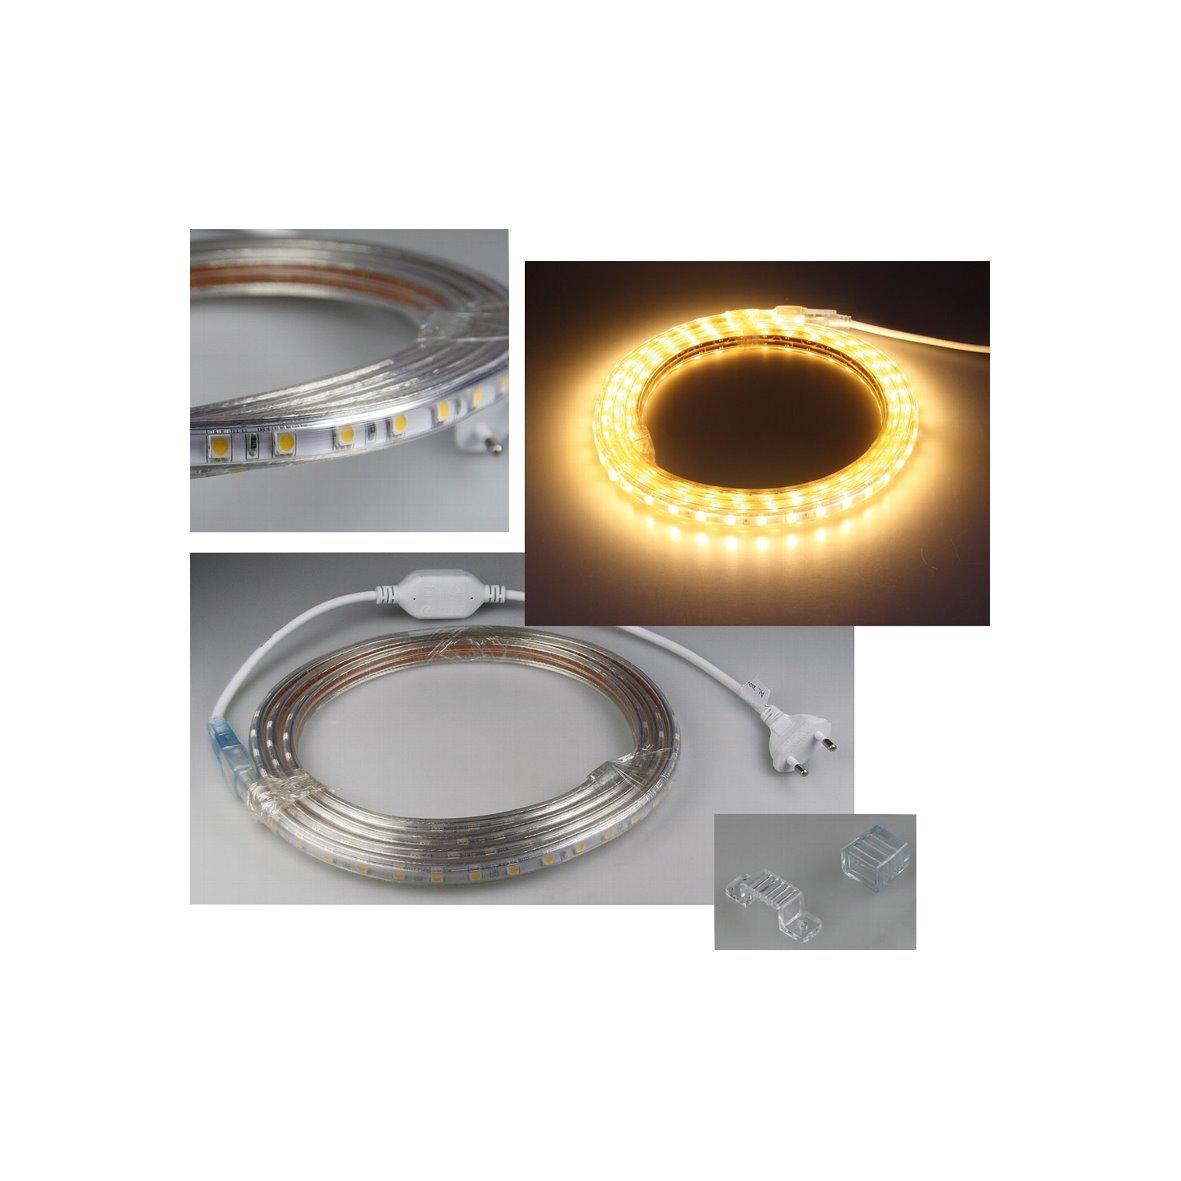 Led Stripe Ip44 230v Anschlussfertig Mit Stecker Lichtband